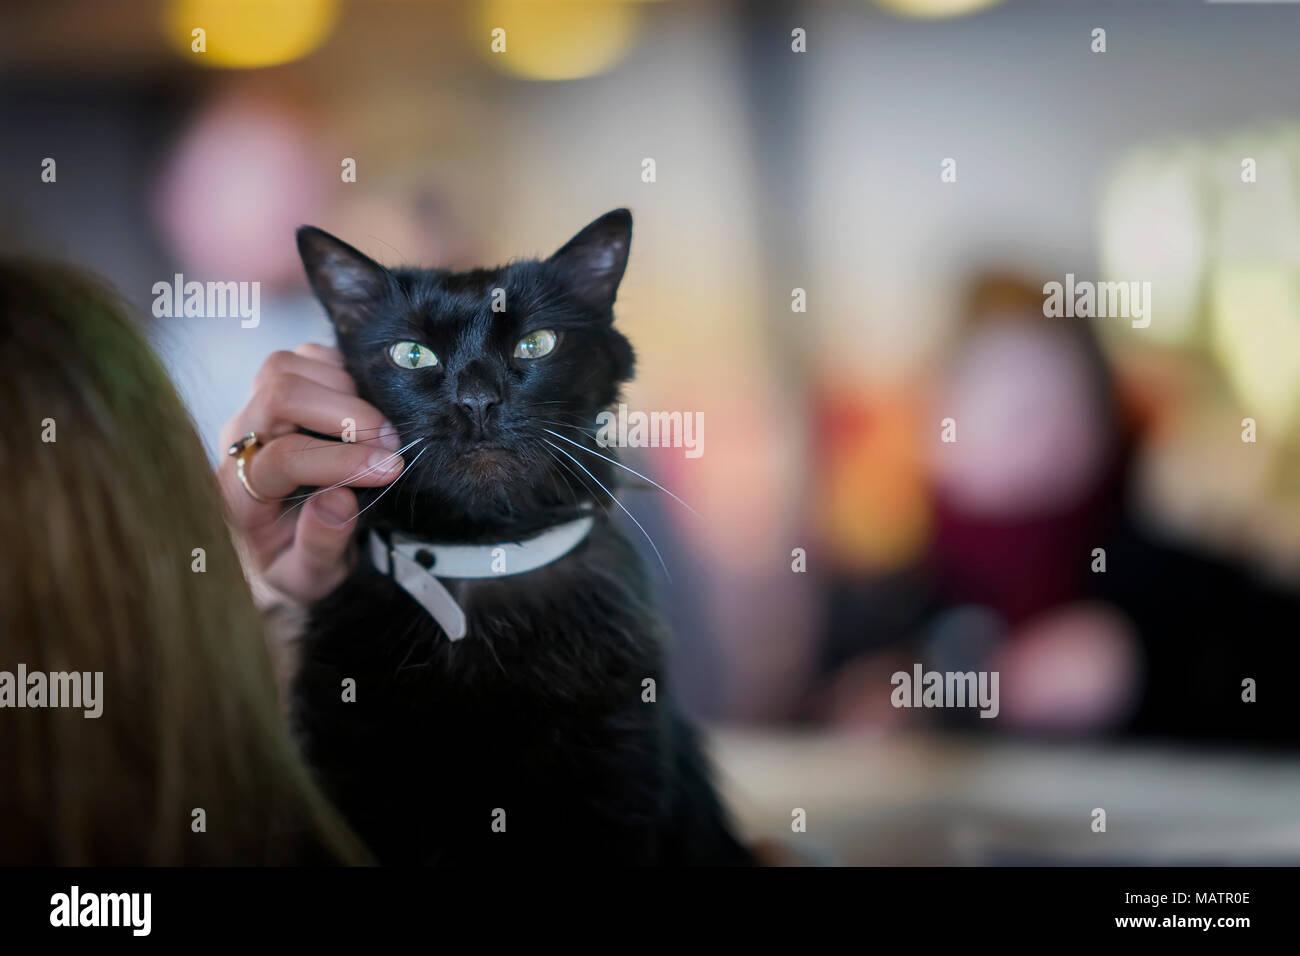 Adorable schwarze Katze mit wunderschönen grünen Augen in den Händen des Mädchens Freiwilliger, in Obdach für obdachlose Tiere für zu Hause warten Stockbild